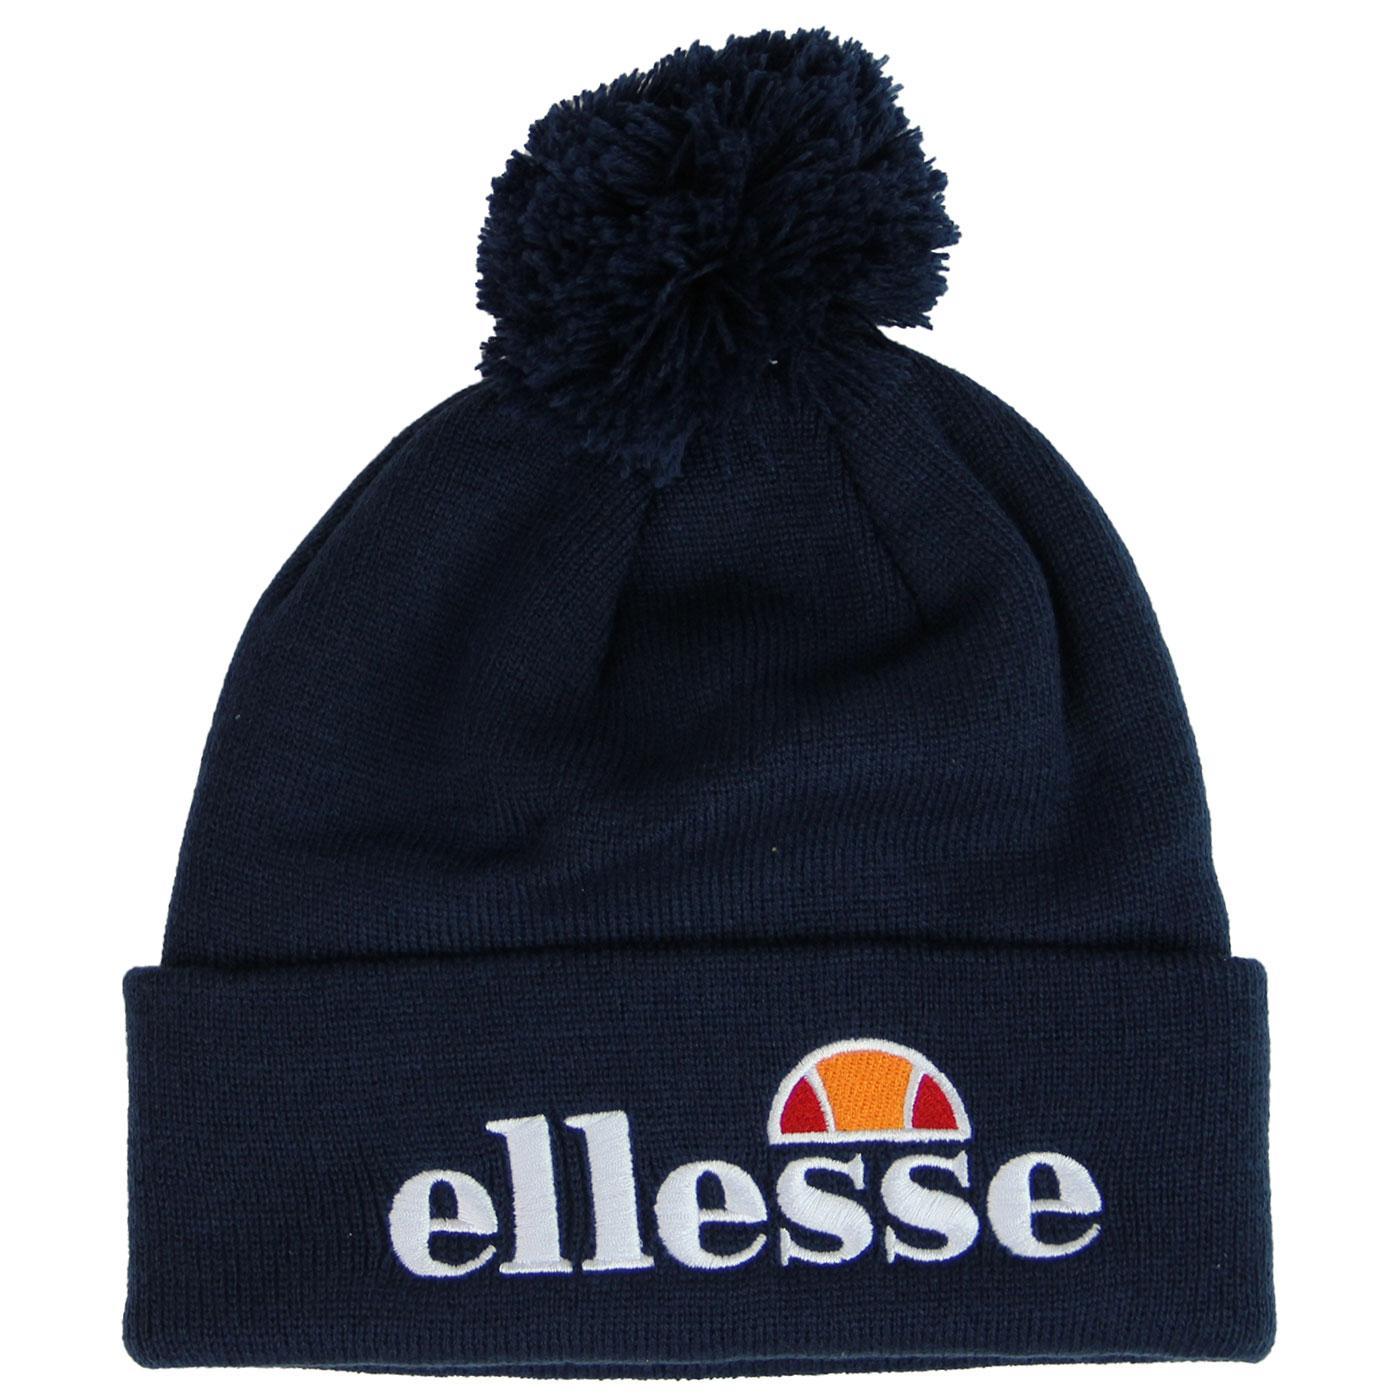 Velly ELLESSE Retro 80's Knitted Logo Bobble Hat